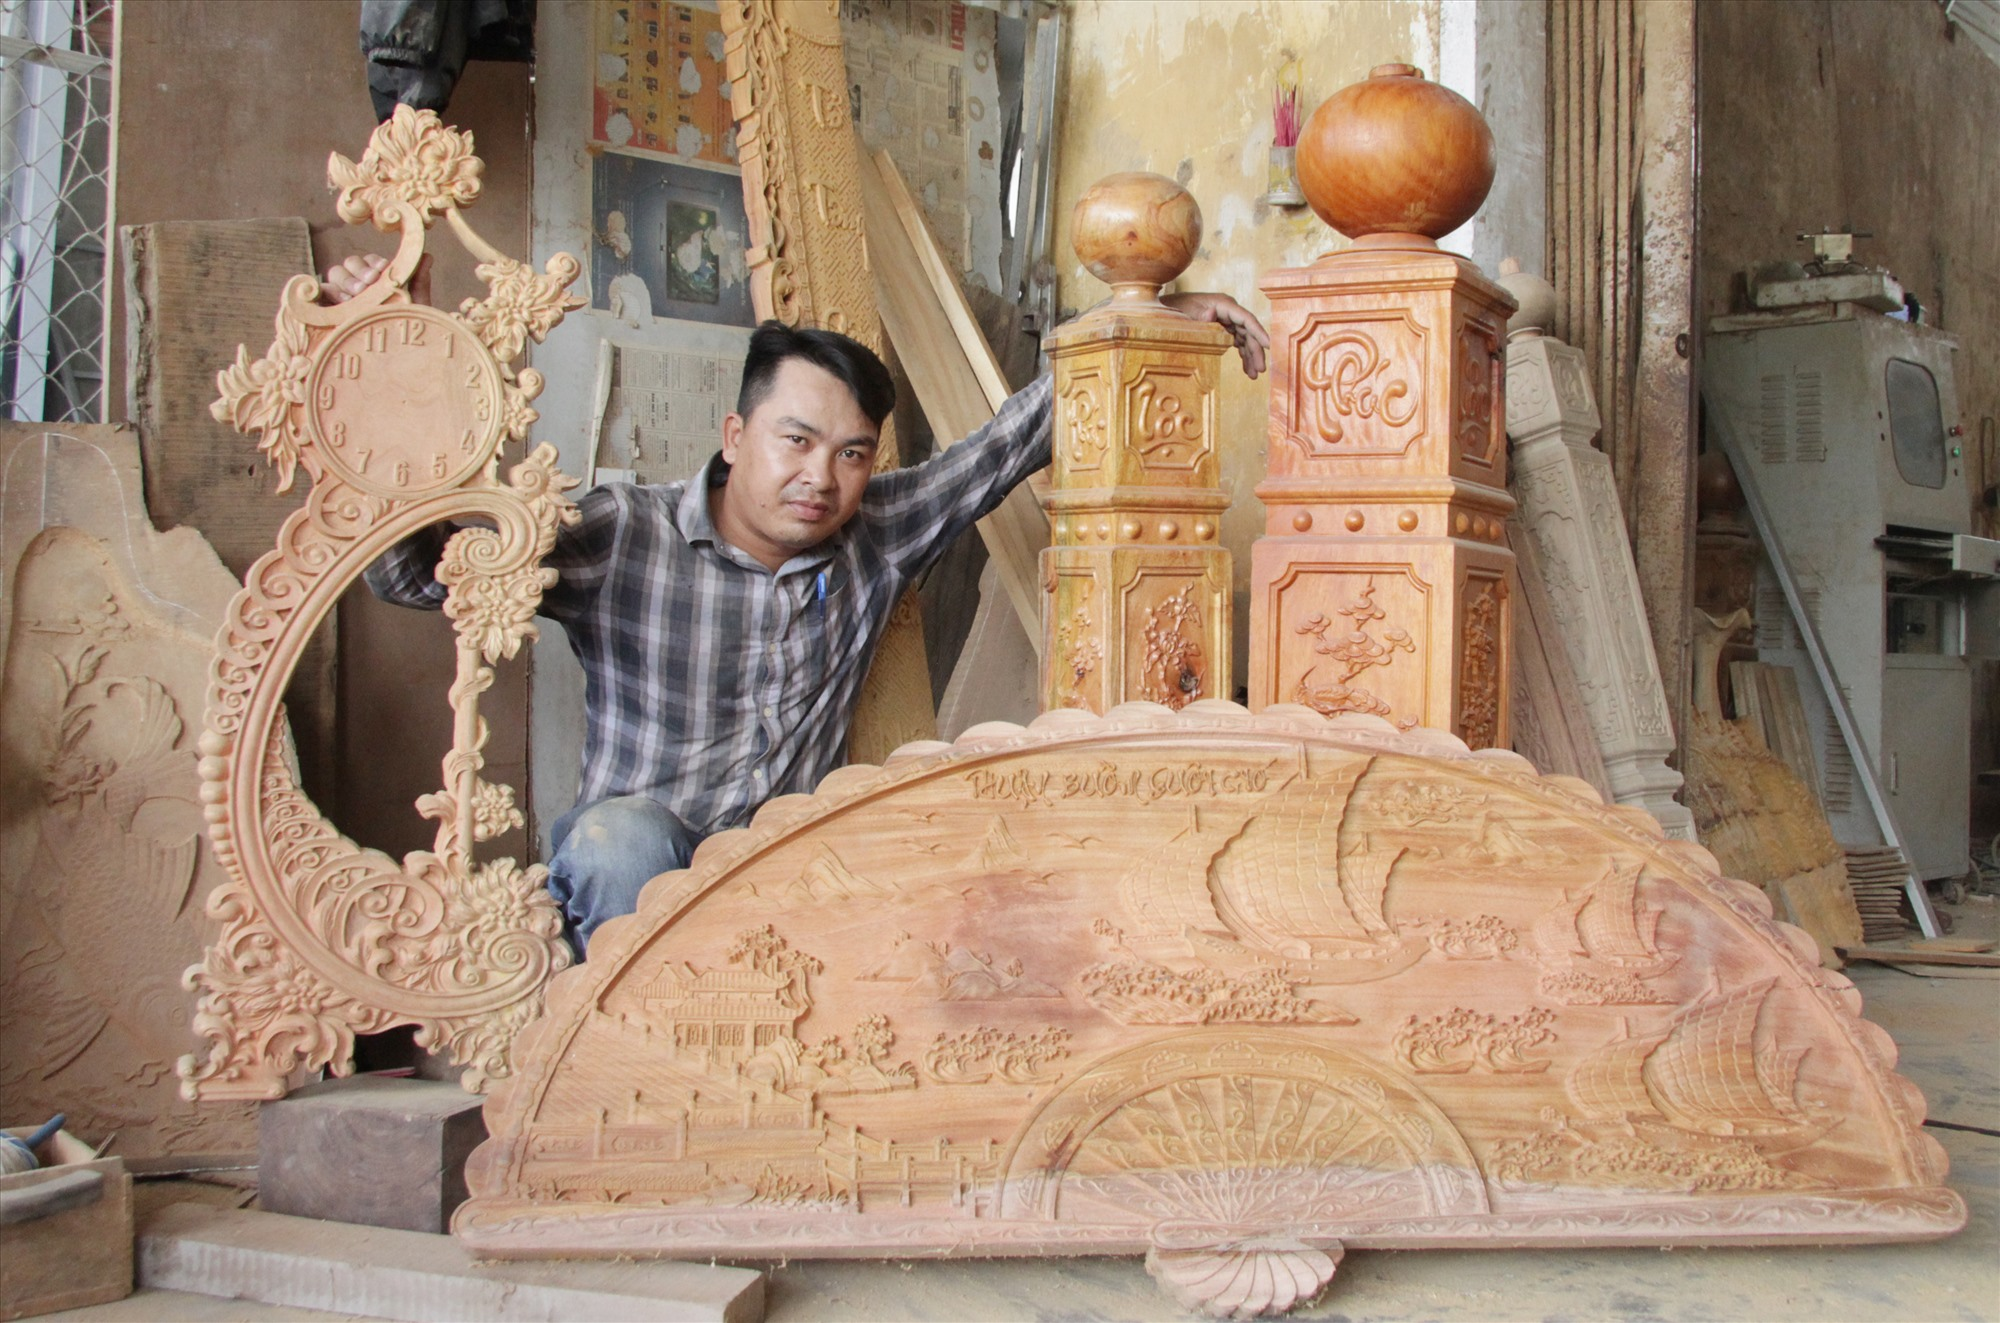 8X khởi nghiệp với nghề gỗ mỹ nghệ